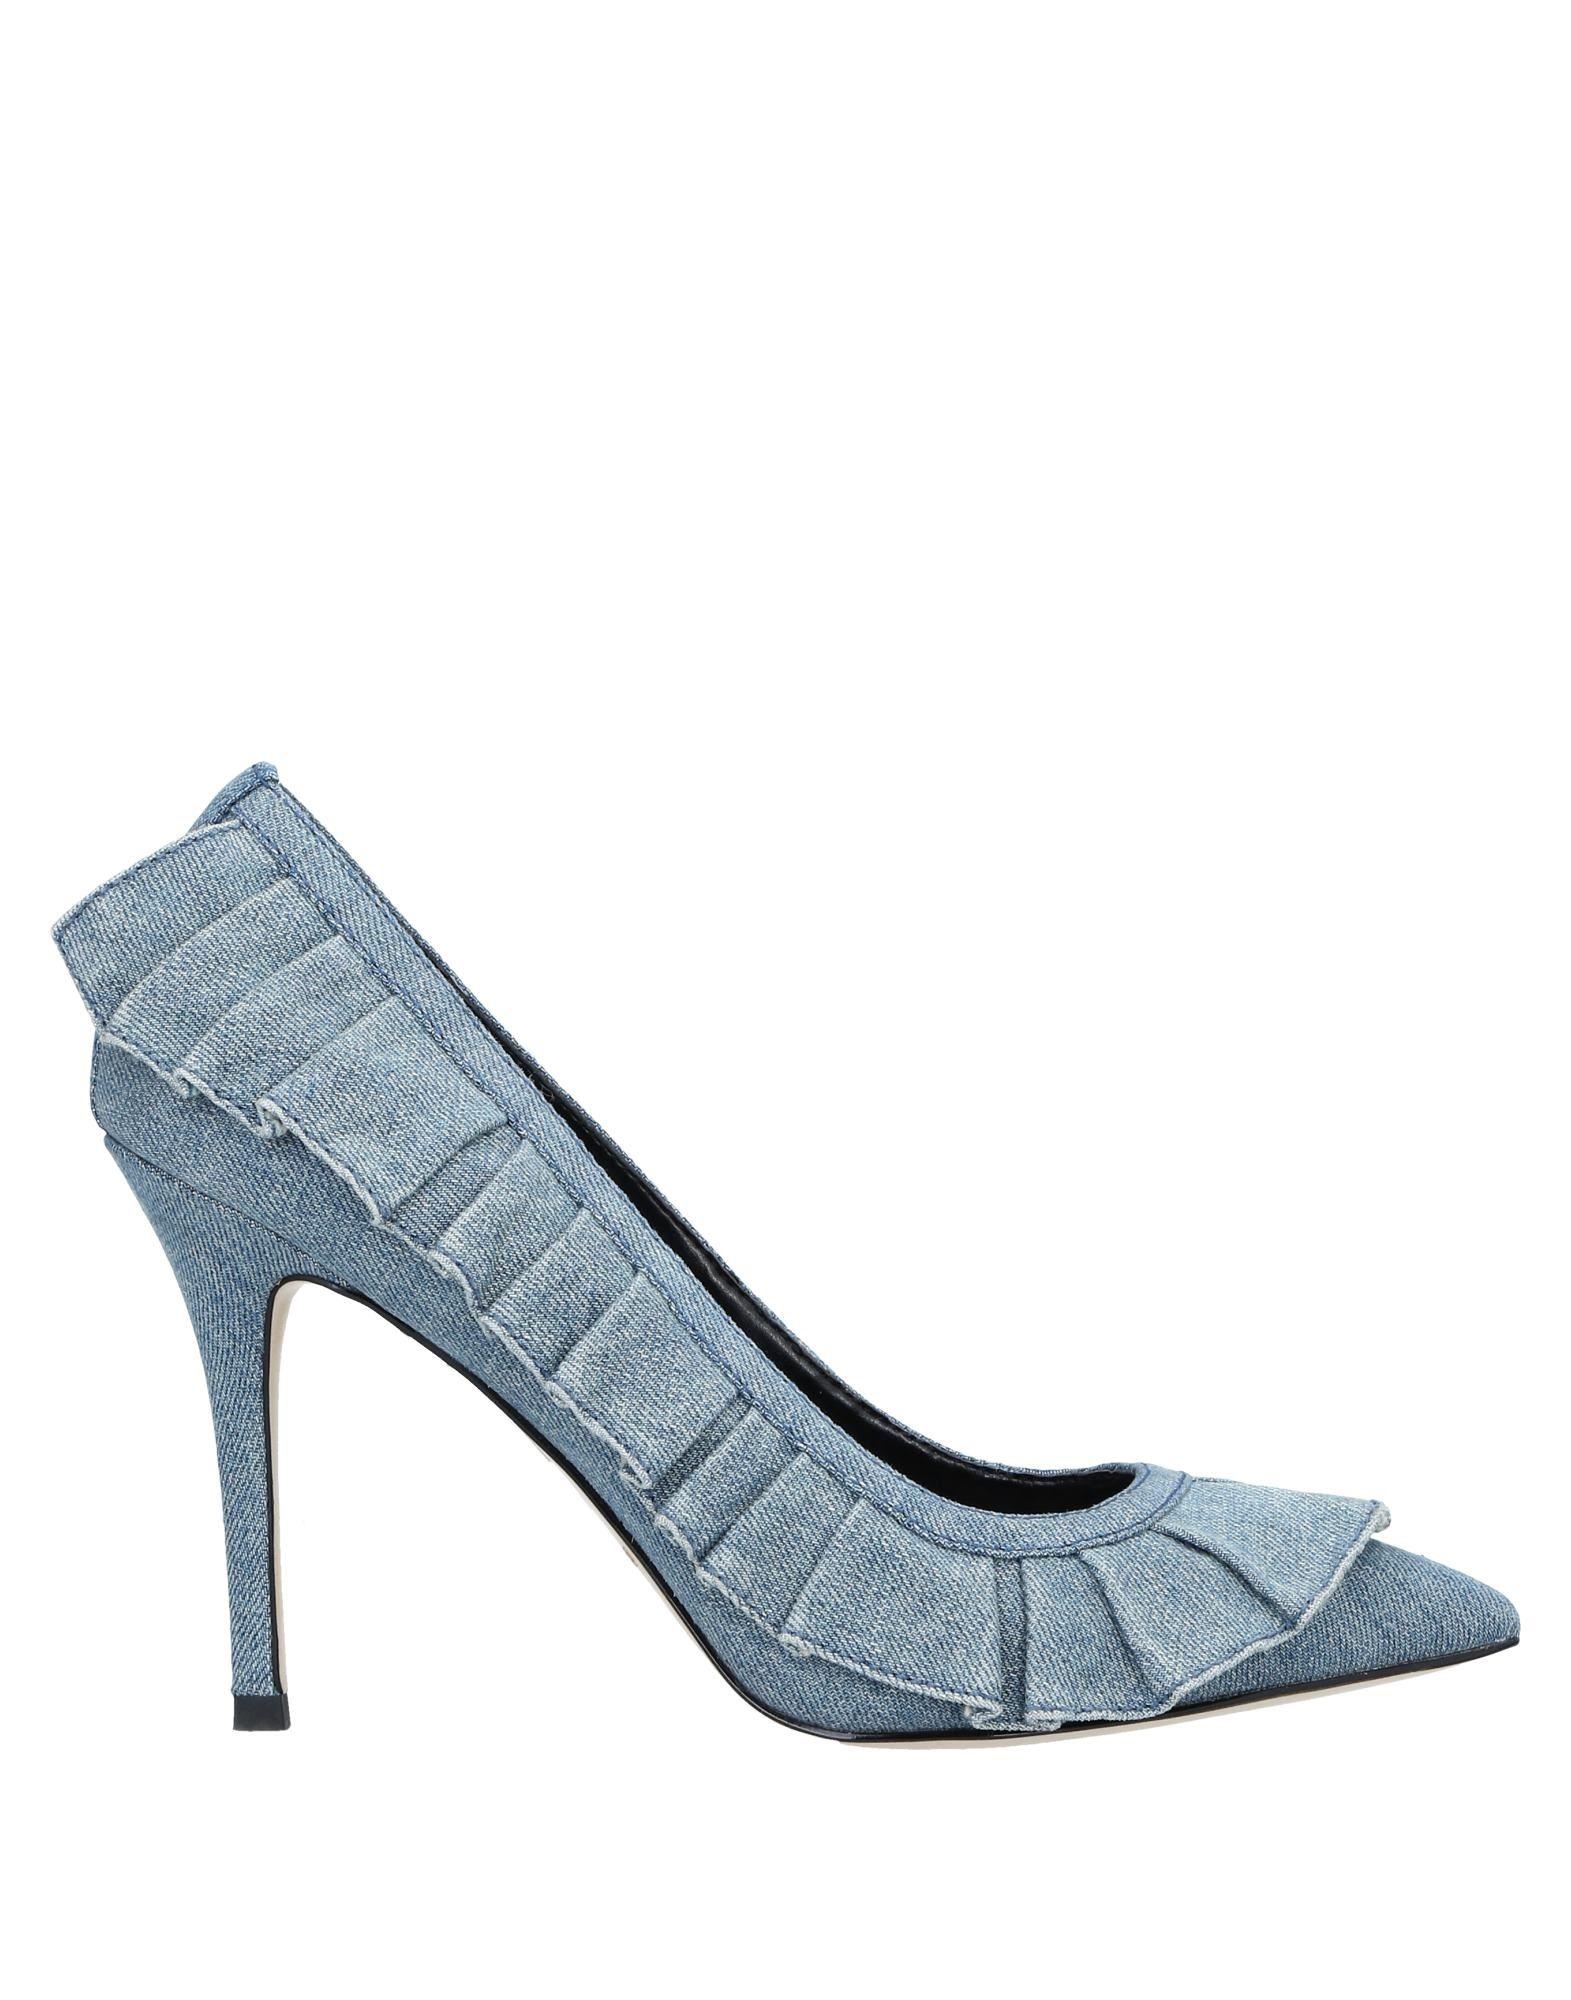 Mocassino Ebarrito offerte Donna - 11548542RP Nuove offerte Ebarrito e scarpe comode fc1cec